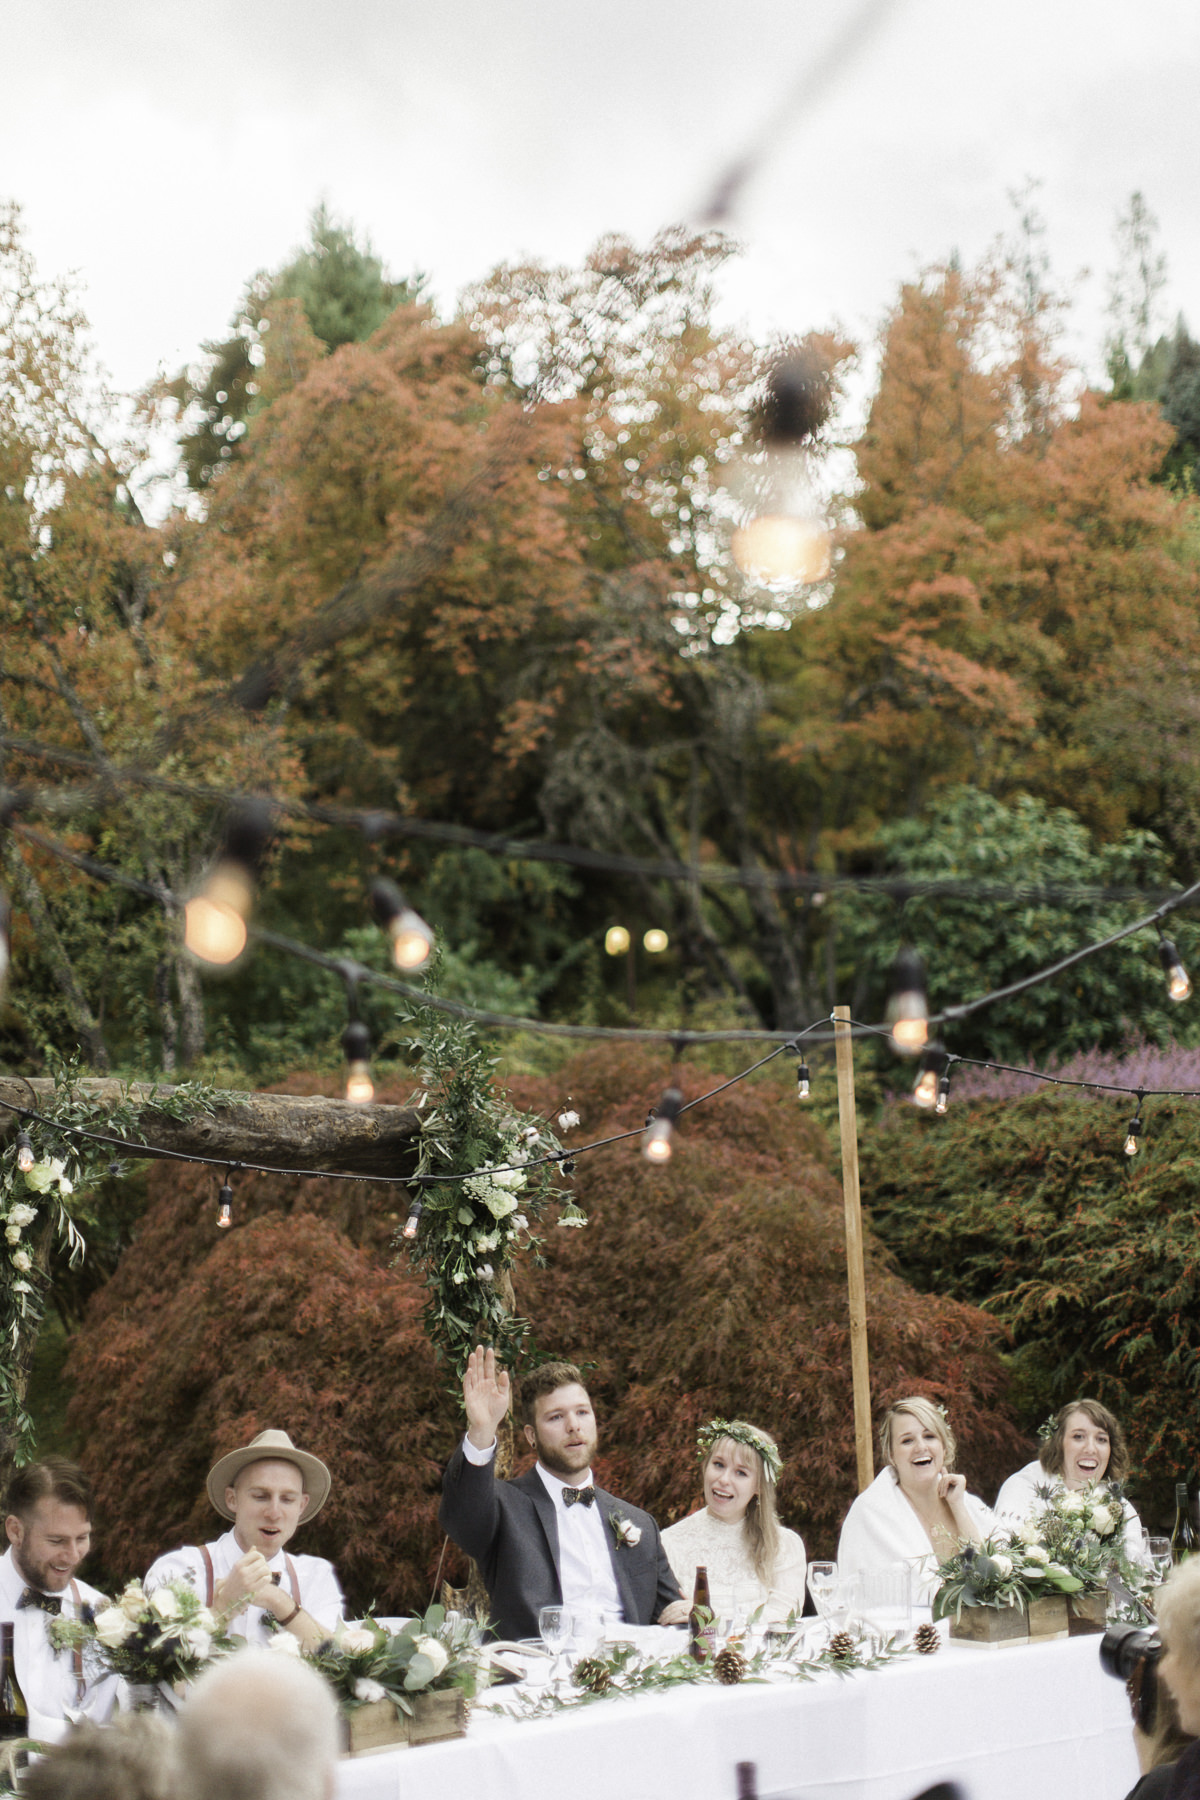 Matt-and-Chelsey-Nelson-wedding-40.jpg